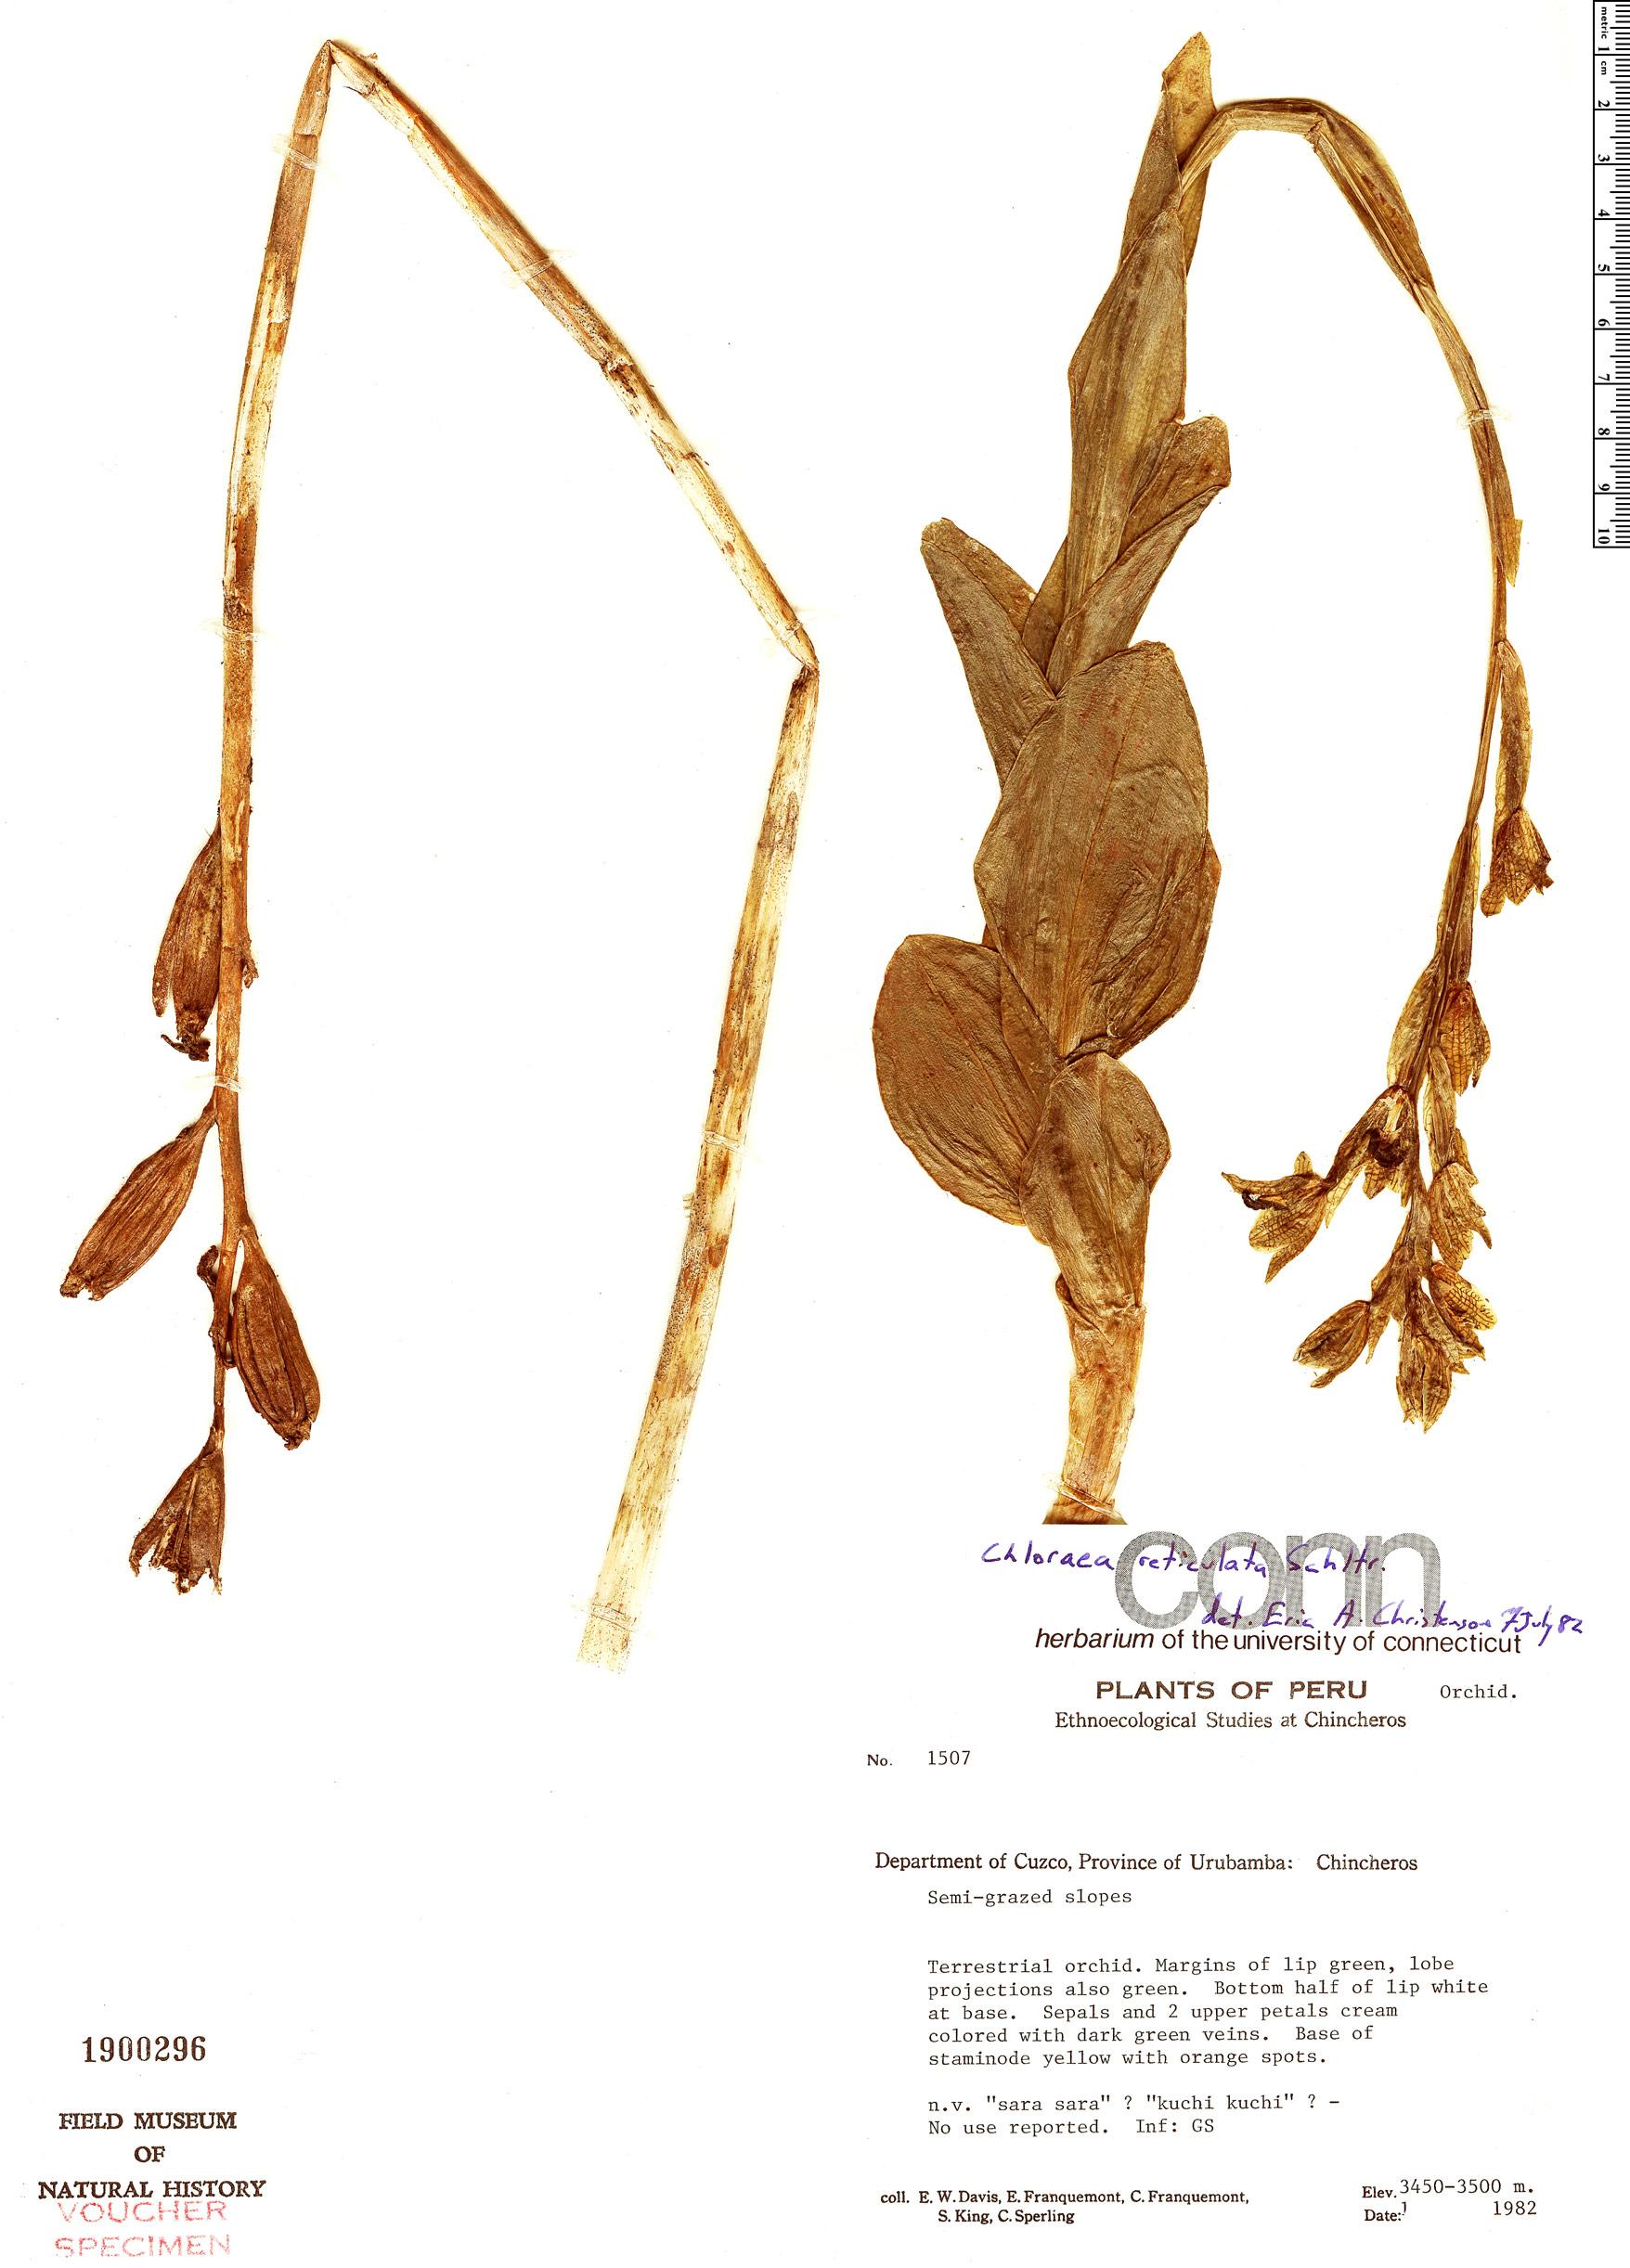 Specimen: Chloraea reticulata